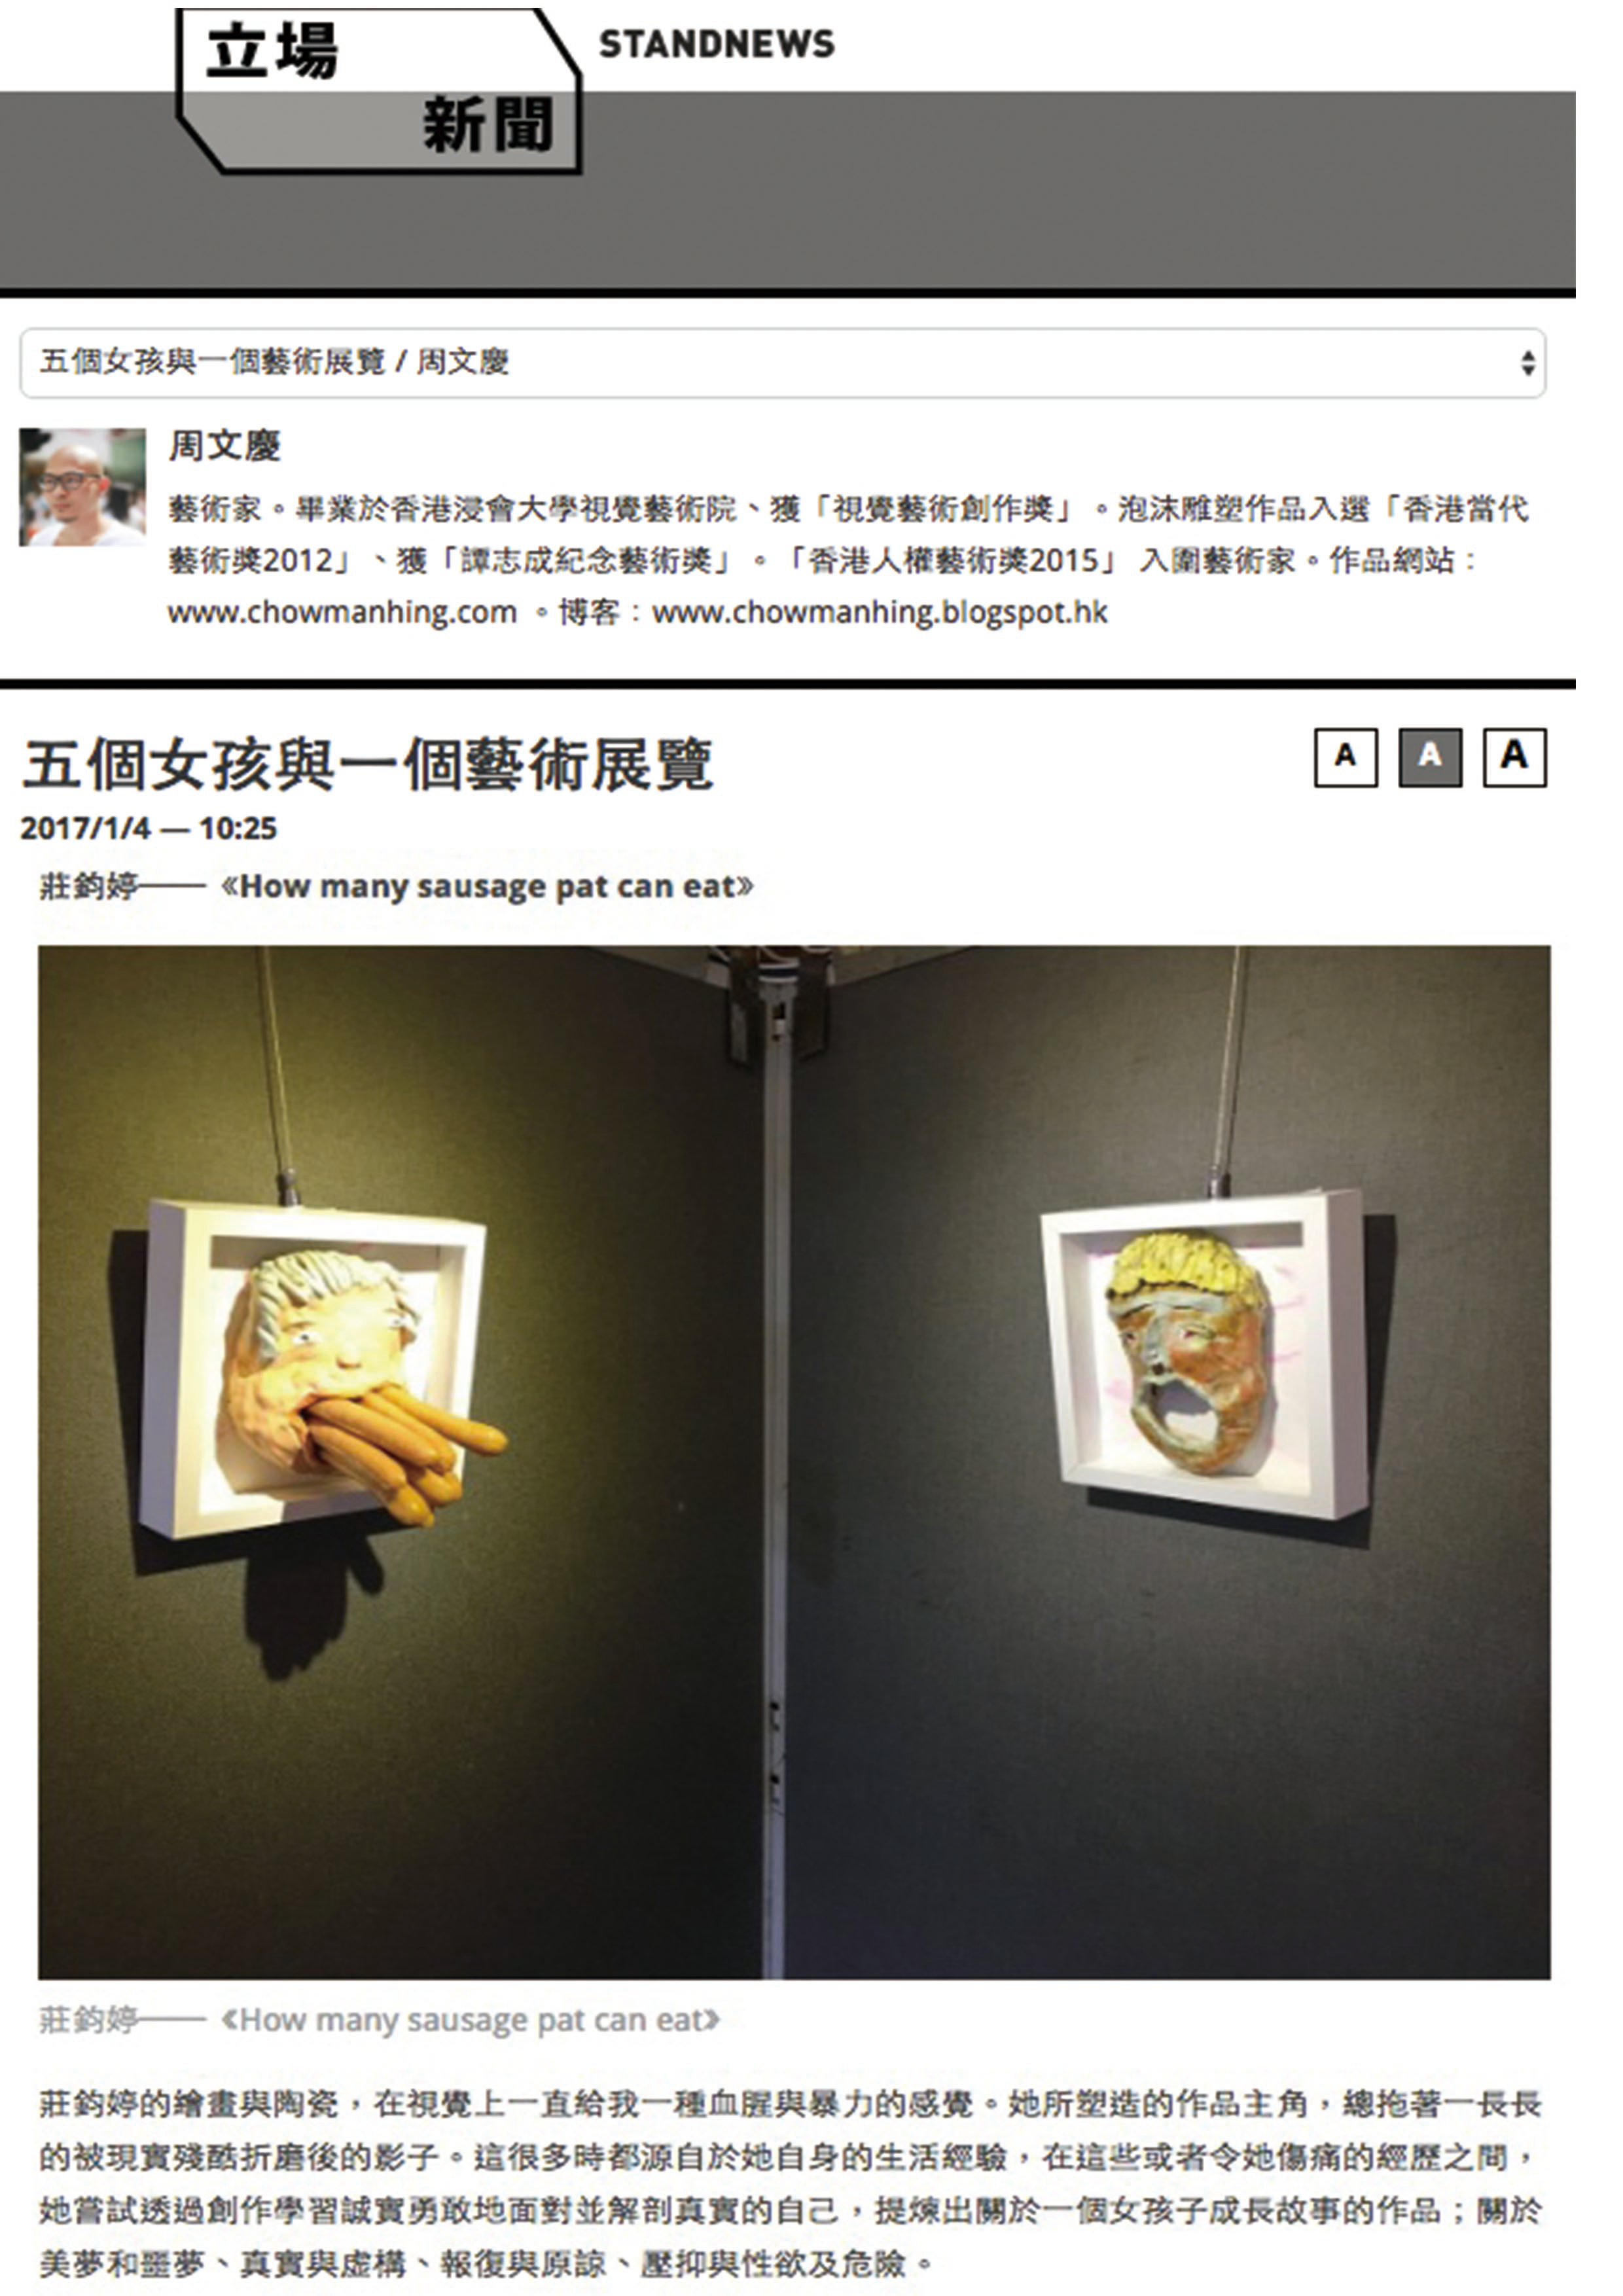 立場新聞-五個女孩與一個藝術展覽